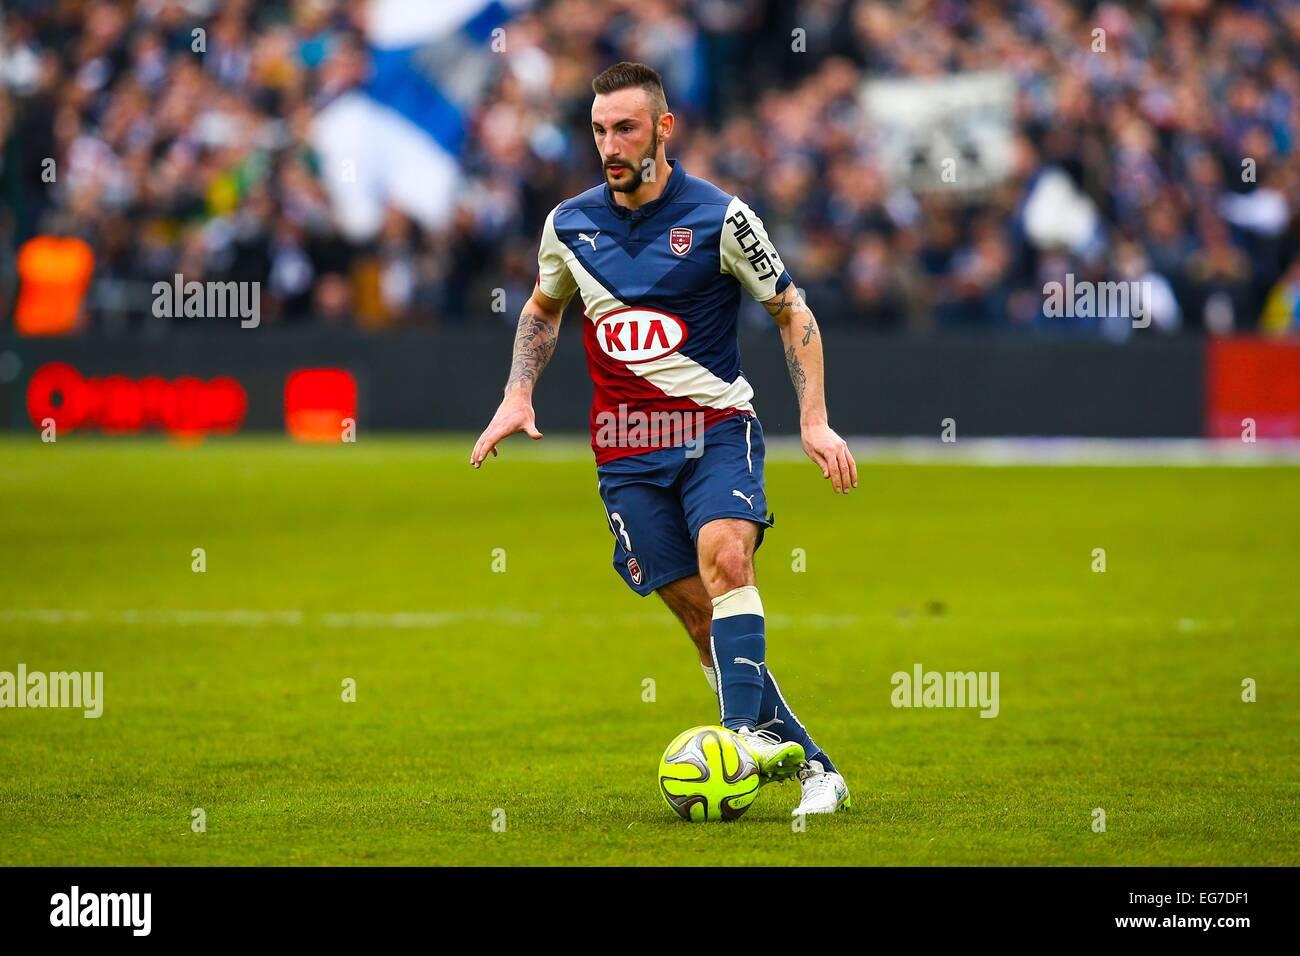 Diego contento - 15.02.2015 - Bordeaux/Saint Etienne - 25eme journee de Ligue 1.Photo : Manuel Blondau/Icona Sport Immagini Stock